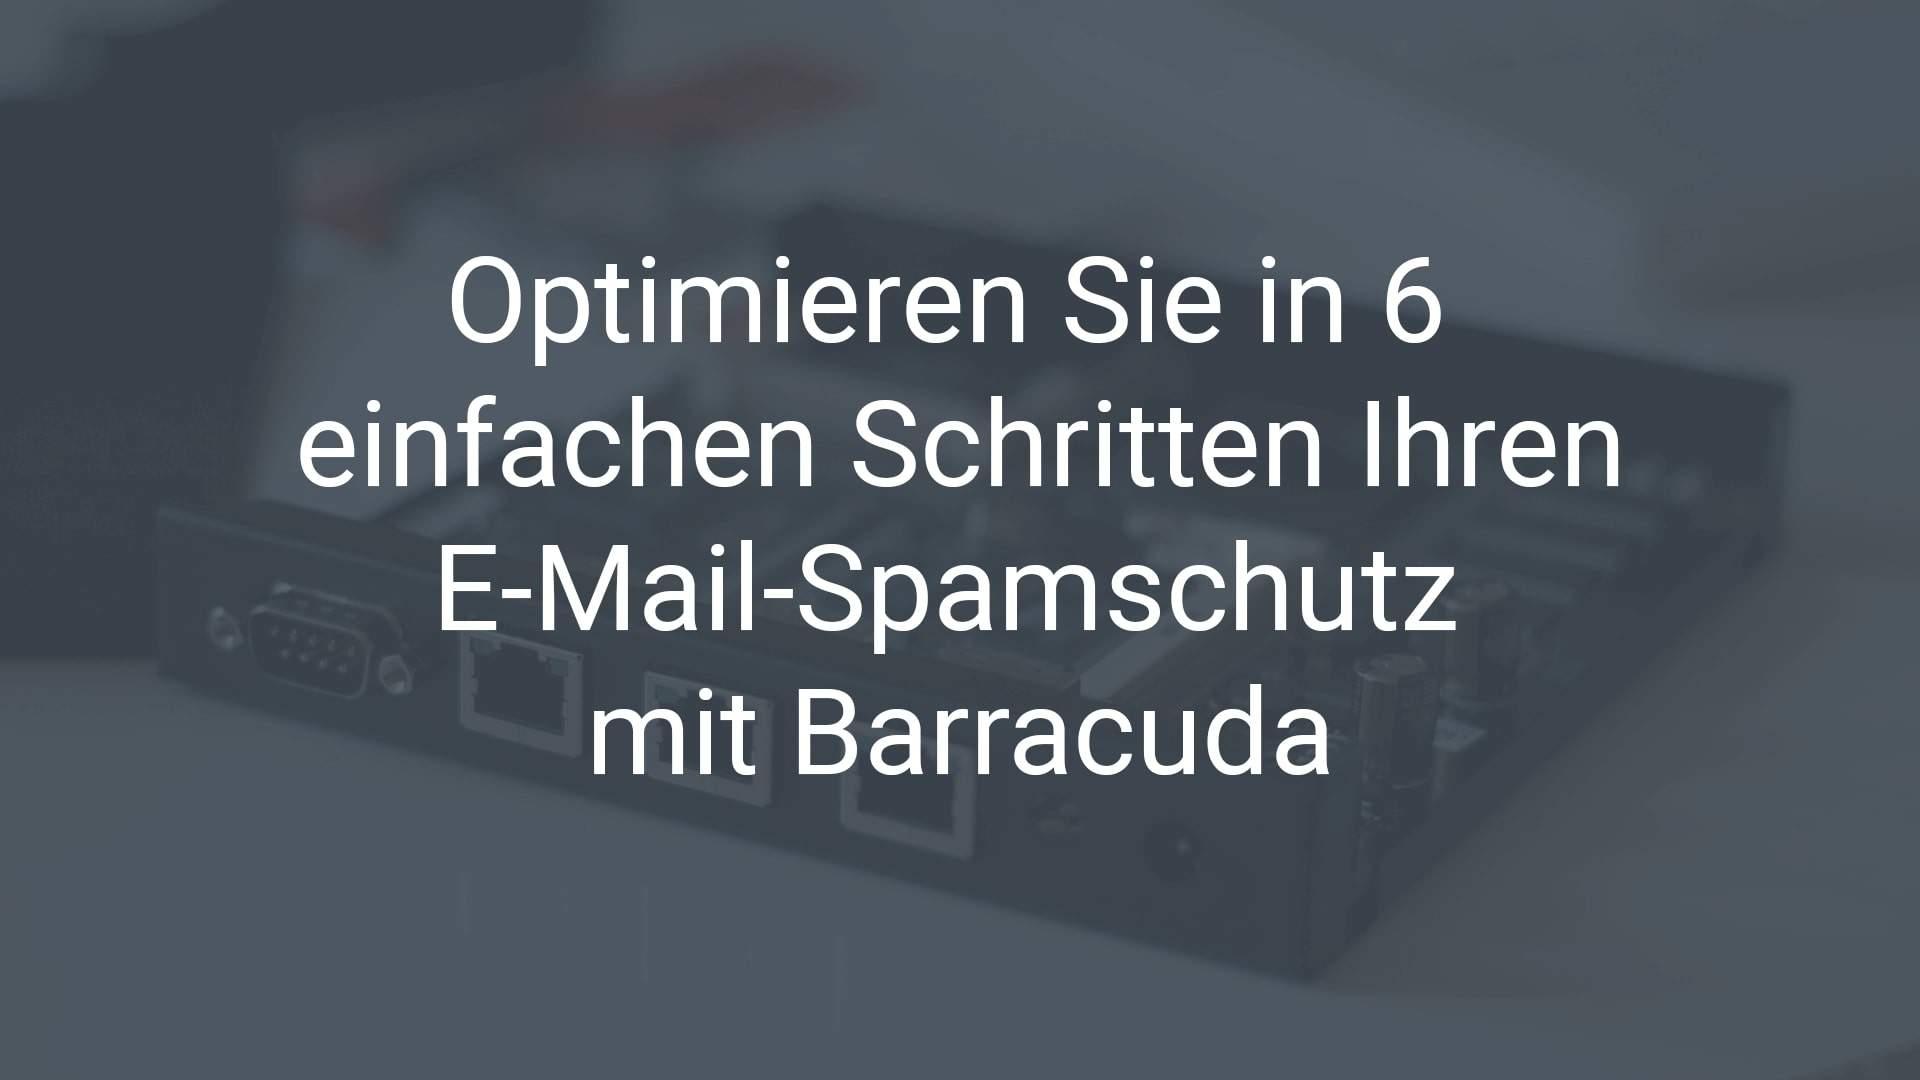 Optimieren Sie in 6 einfachen Schritten Ihren E-Mail-Spamschutz mit Barracuda. Wir zeigen, wie es geht.